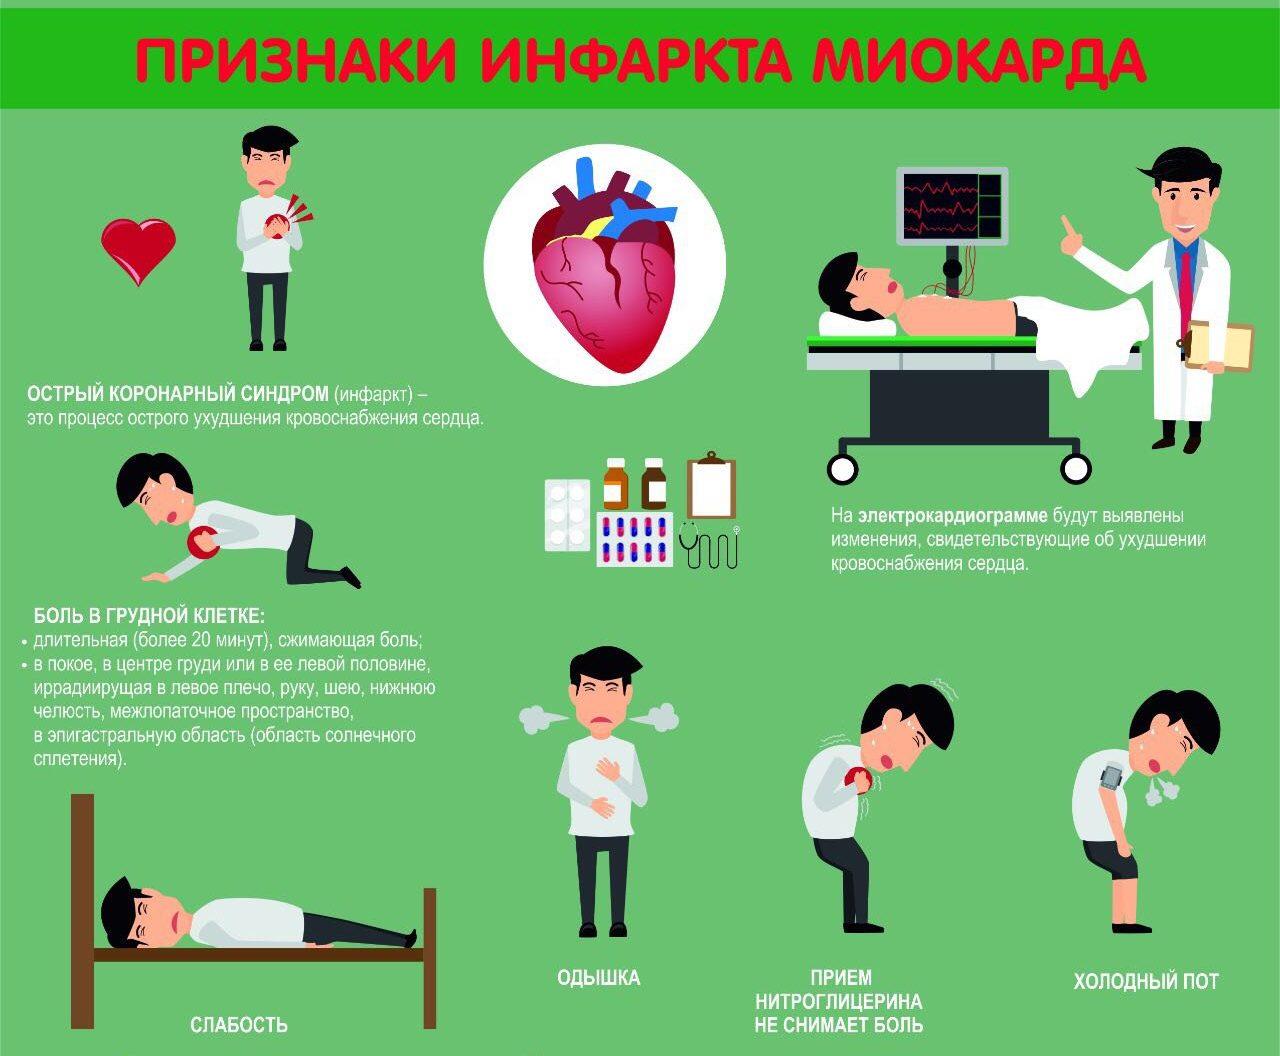 Признаки инфаркта миокарда